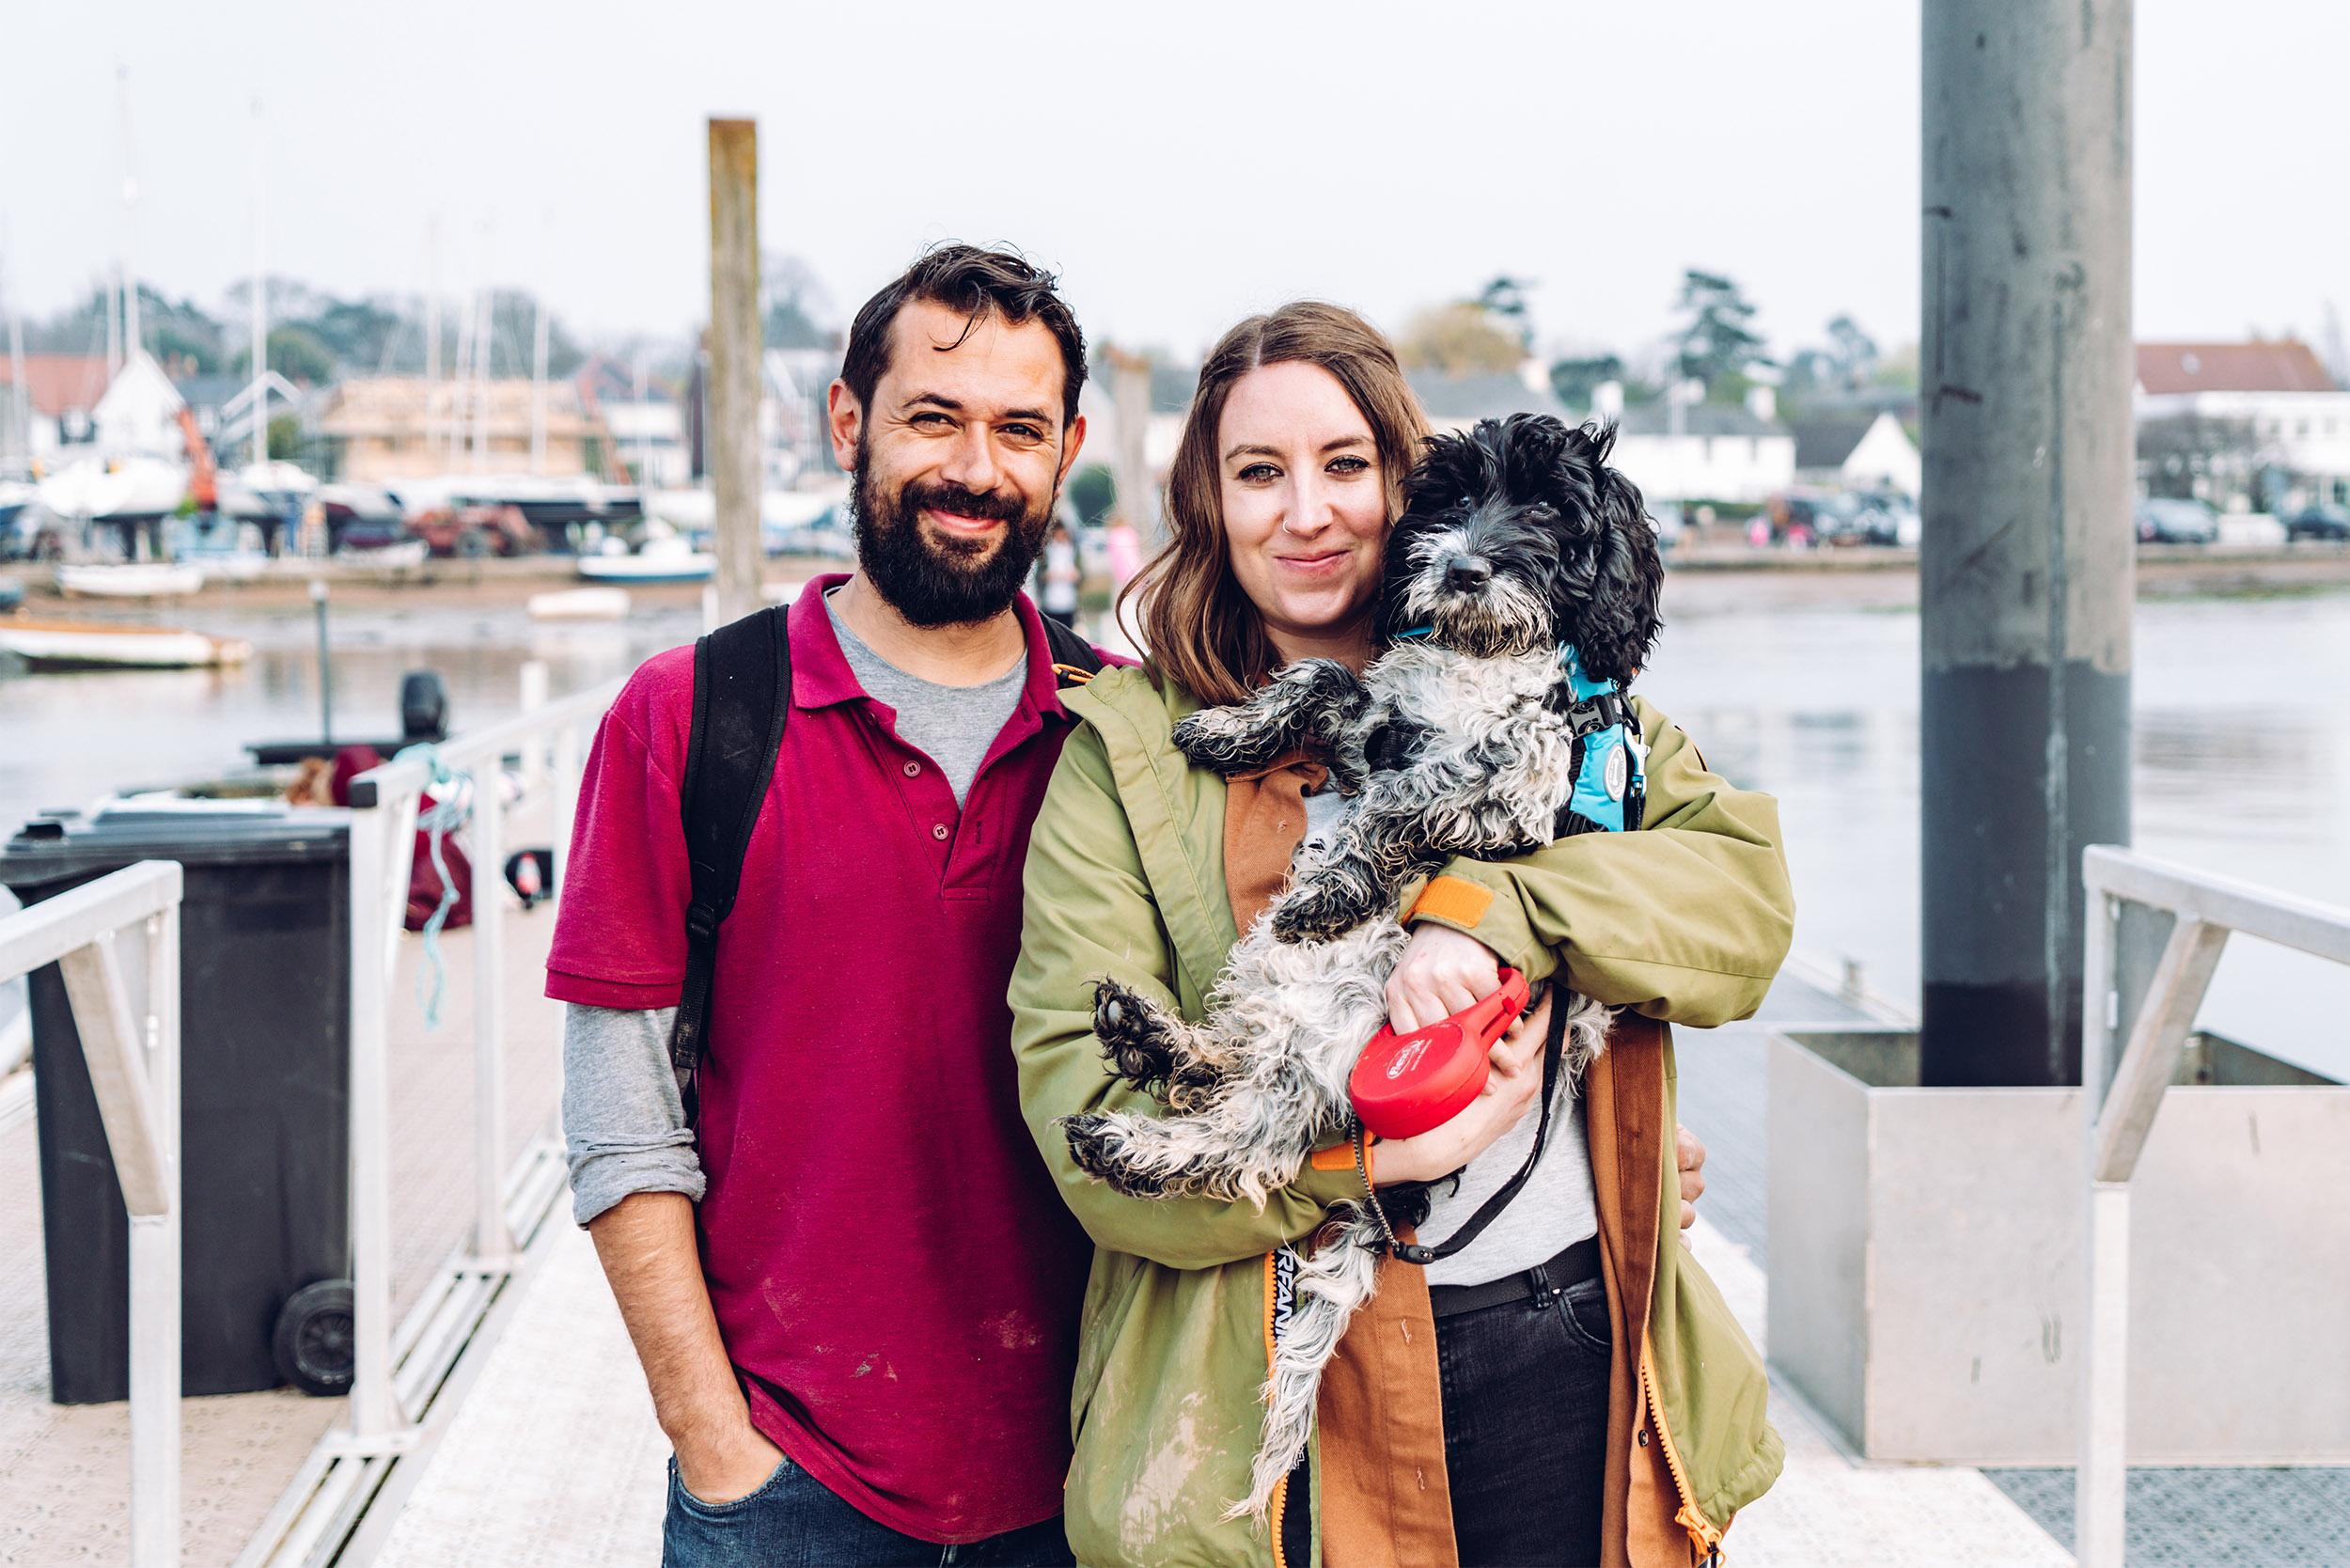 Gemma, her partner Tom and their puppy Hendricks